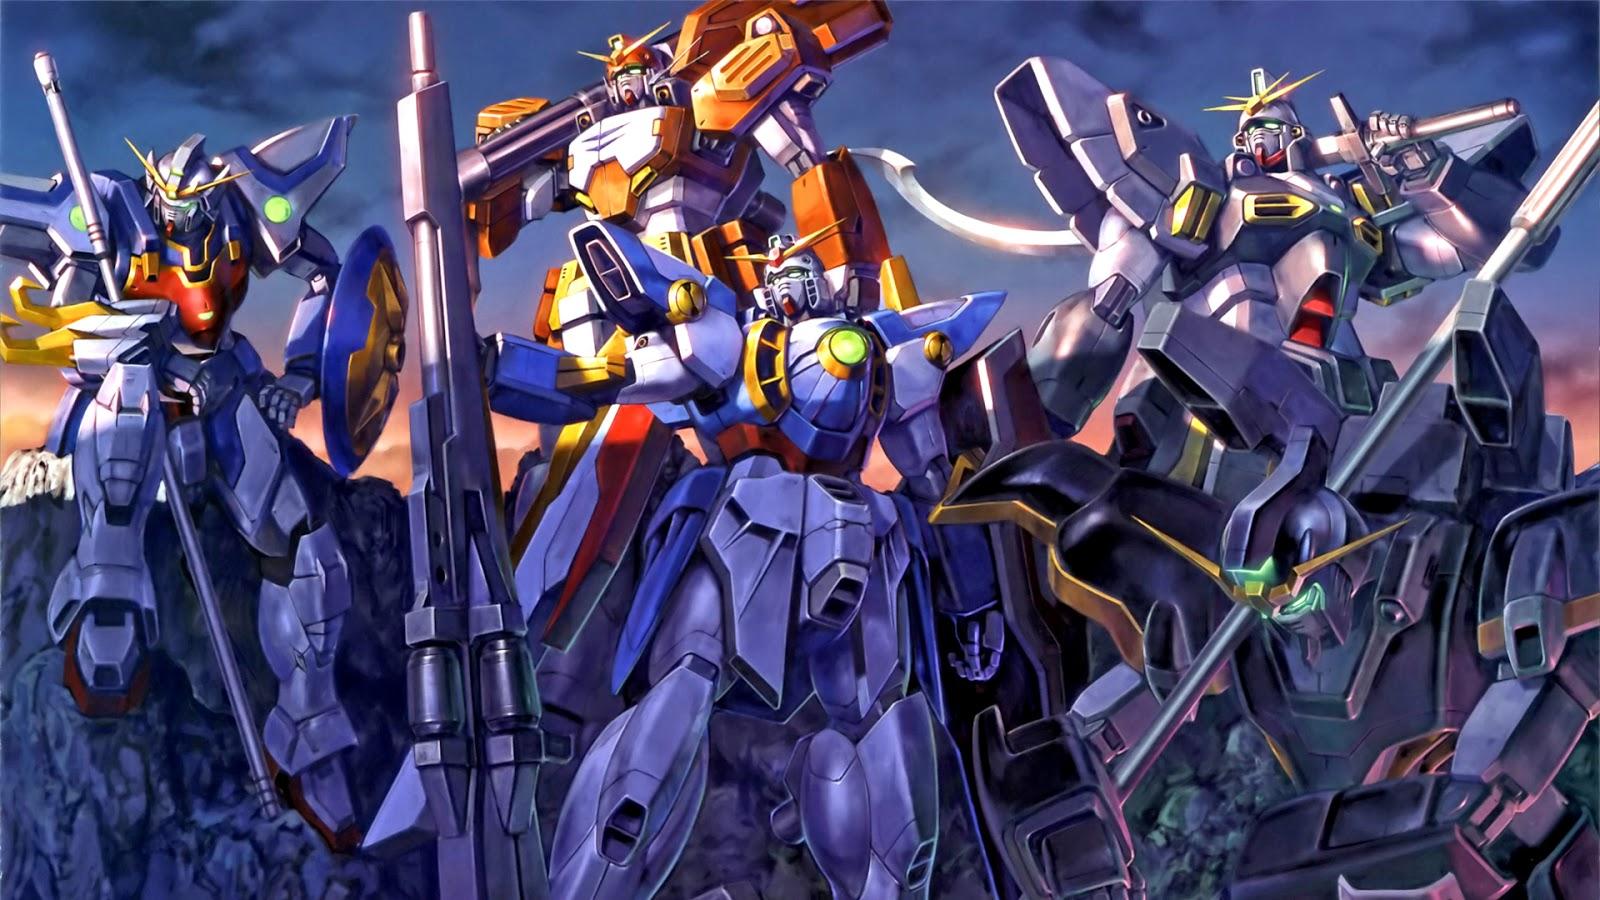 Hobbies Gundam Gundam Arts Awesome Gundam Artworks Updated 8 23 13